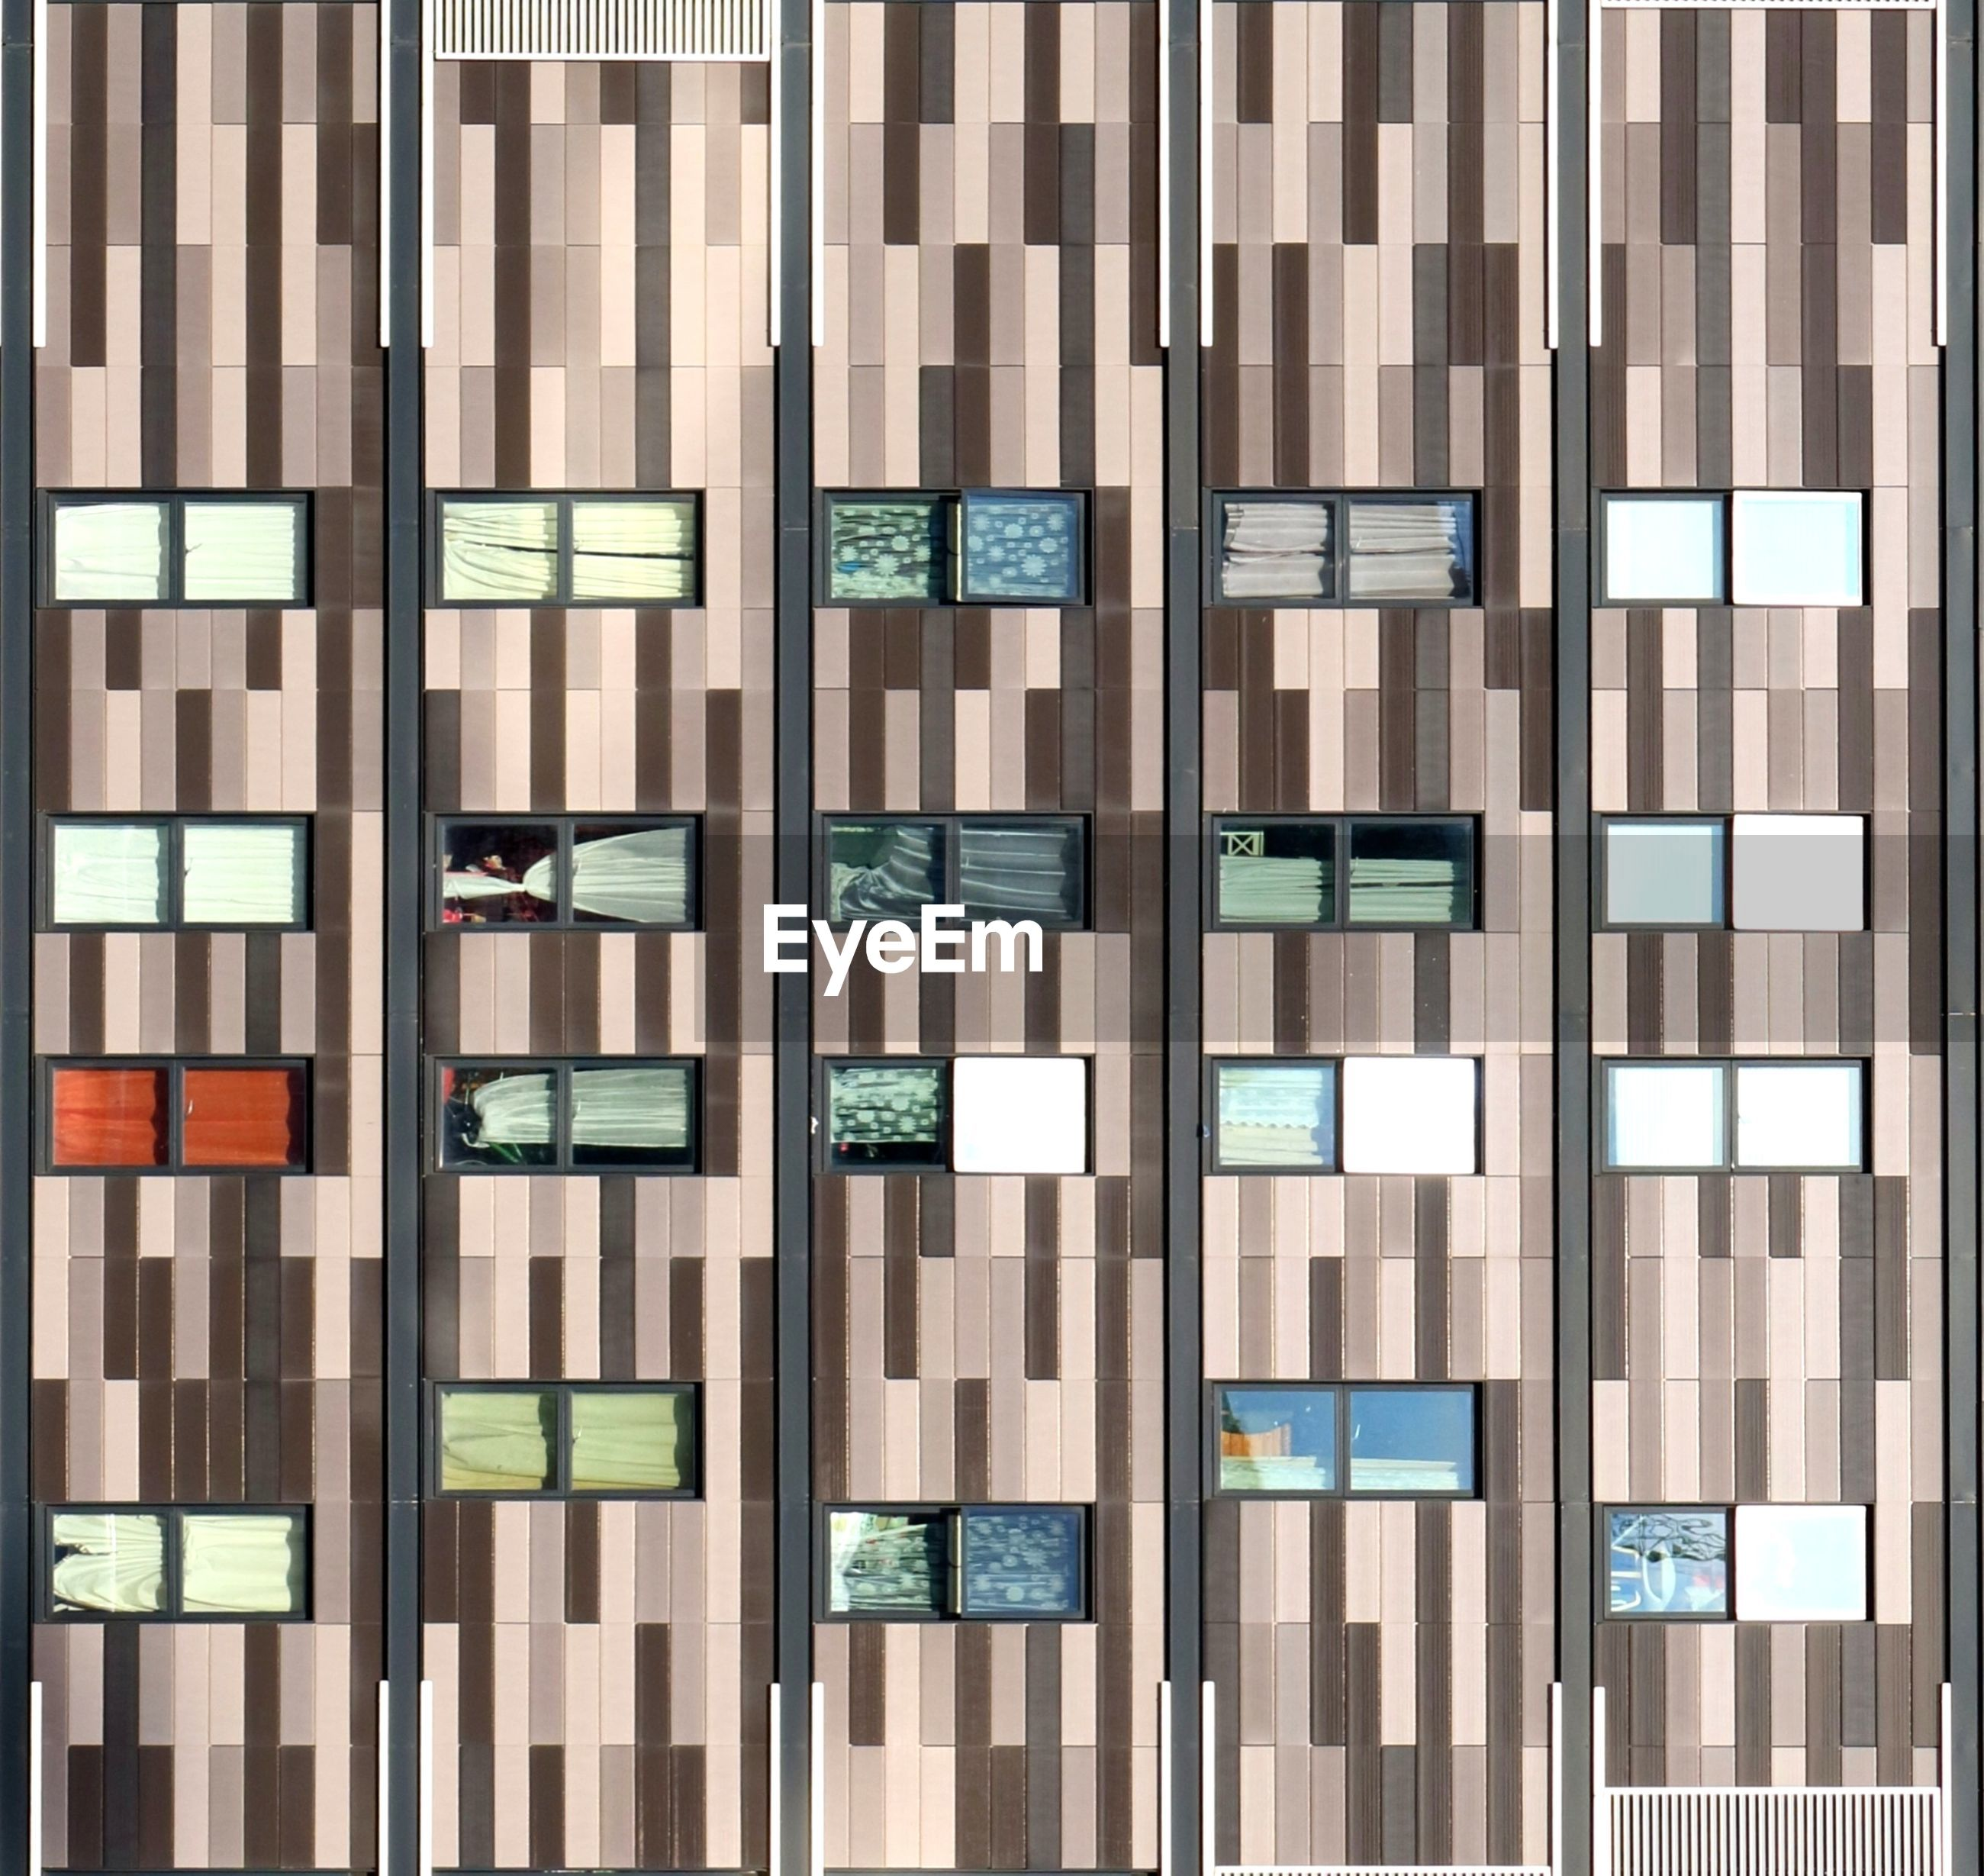 Abstract striped facade